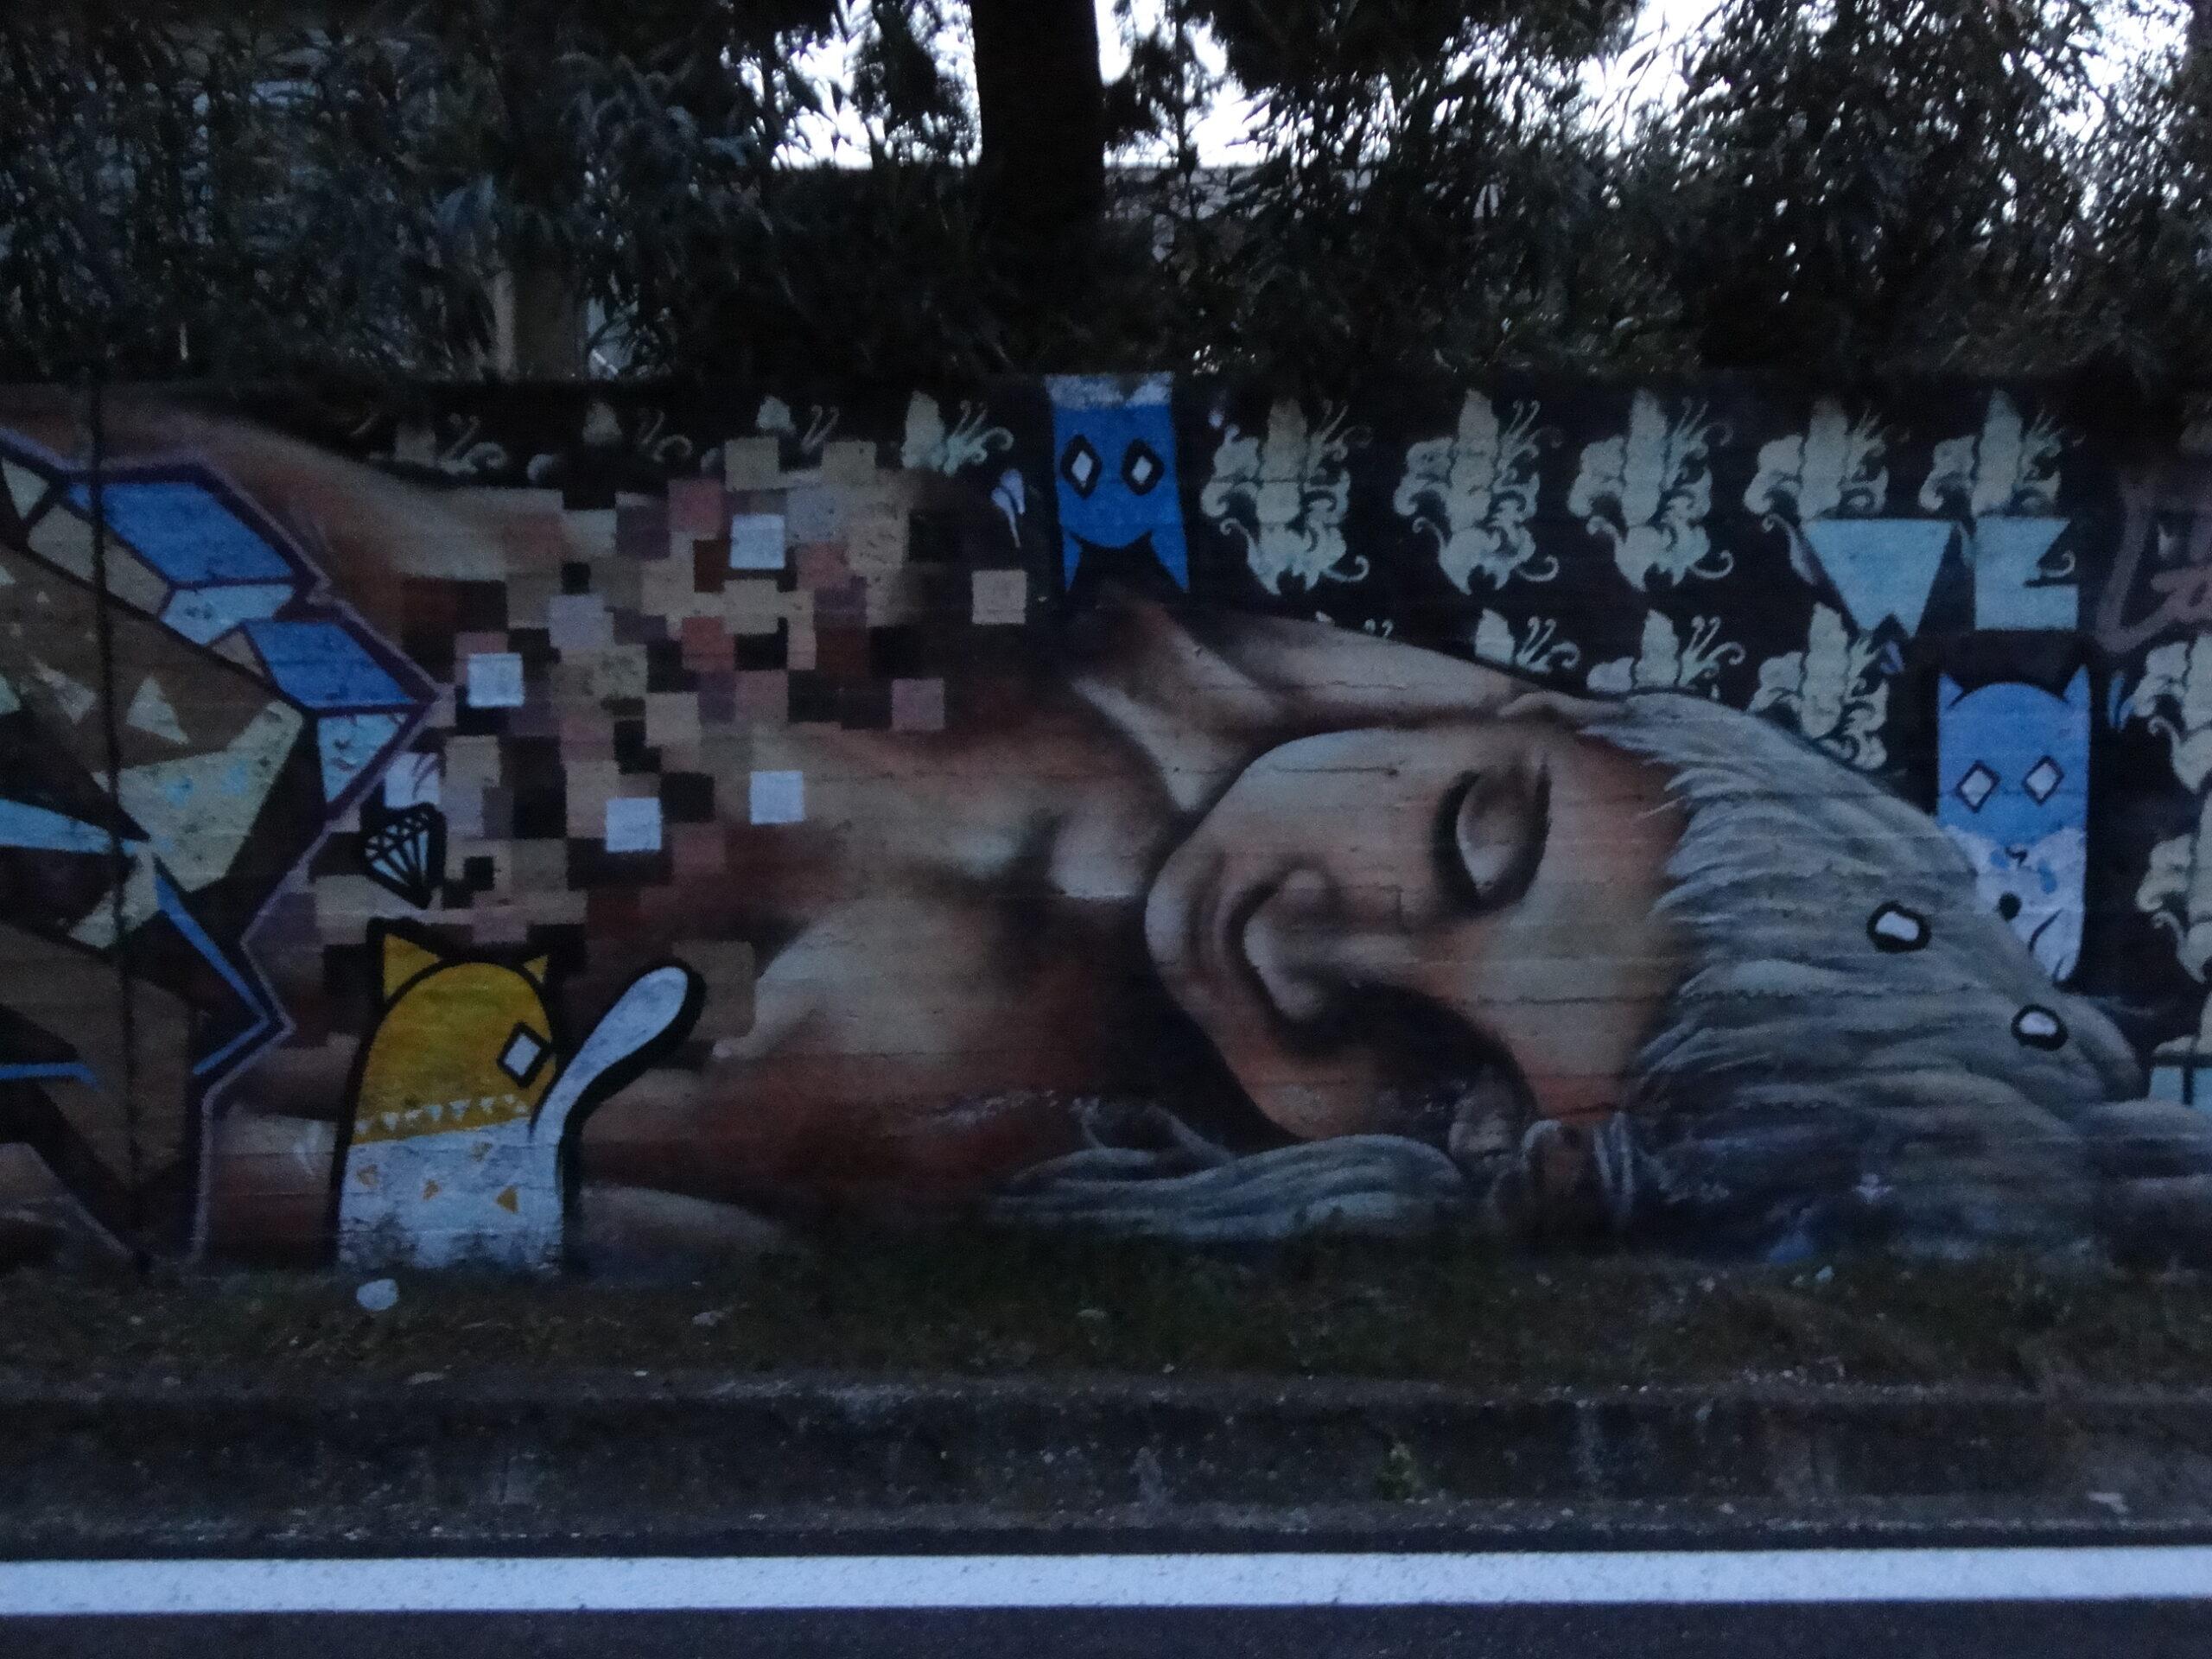 Πανεπιστήμιο Πατρών - Graffiti